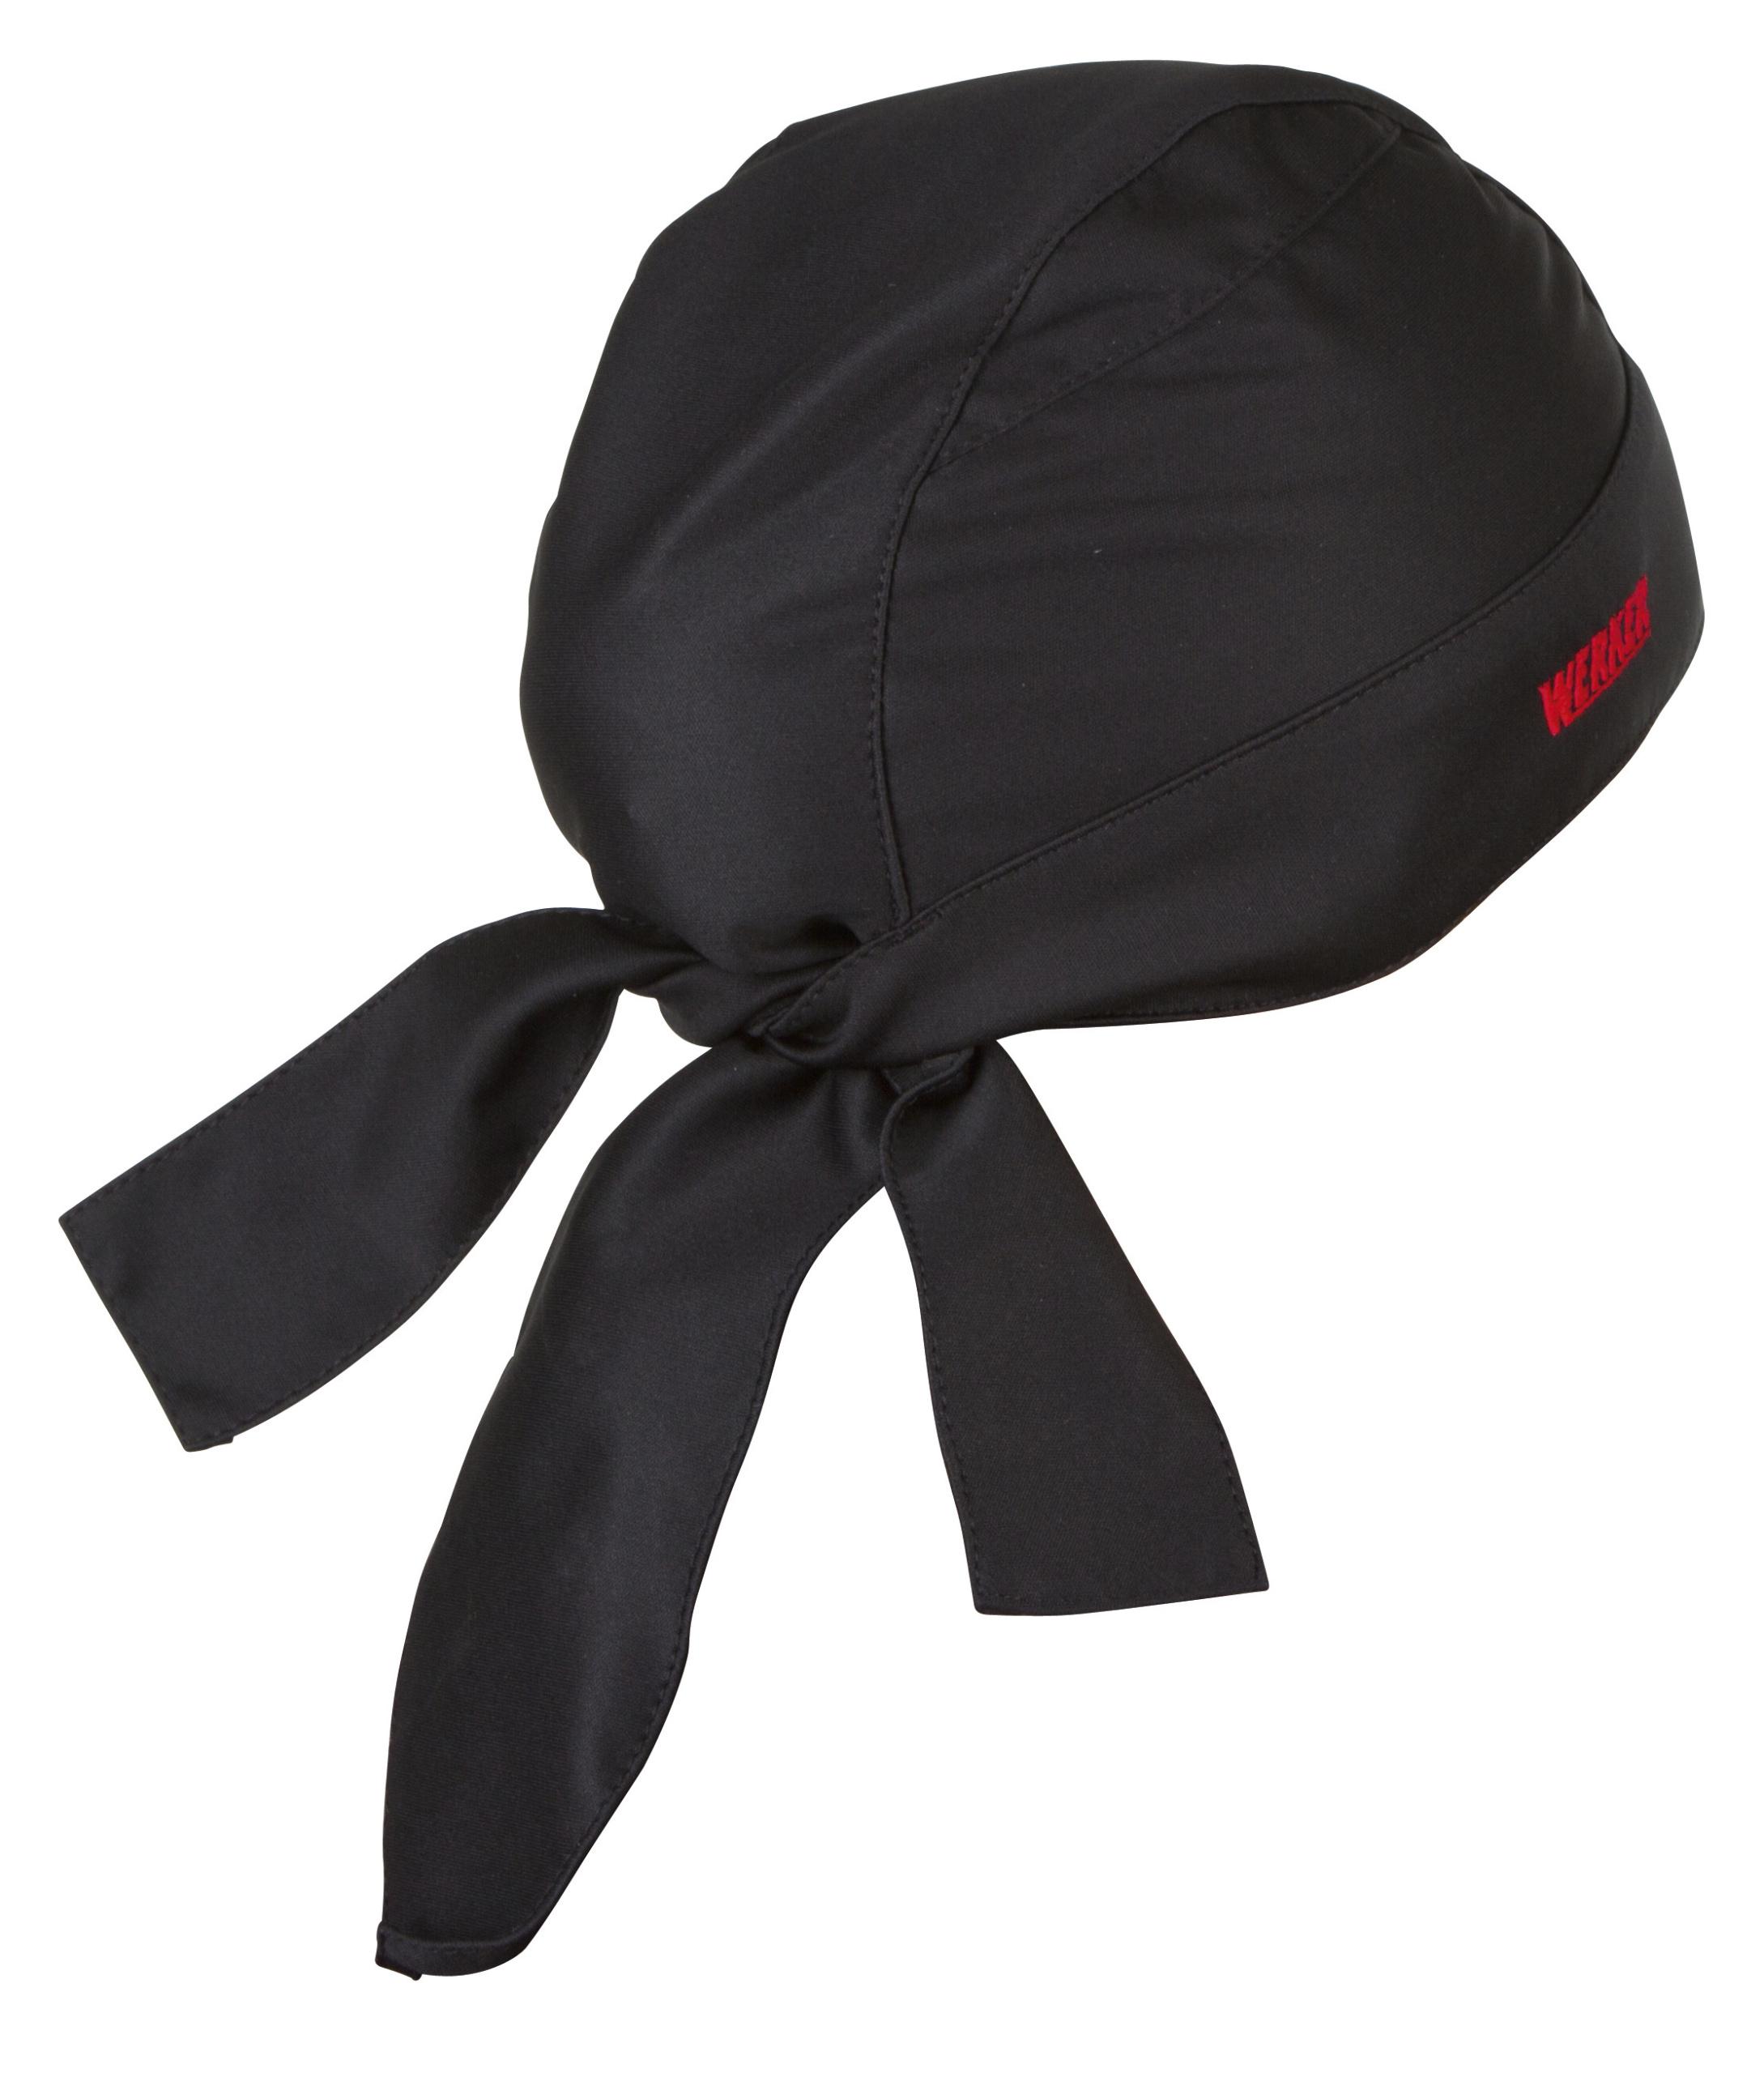 Anti-Geruchs-Kopftuch, Damen schwarz, Größe XS/S